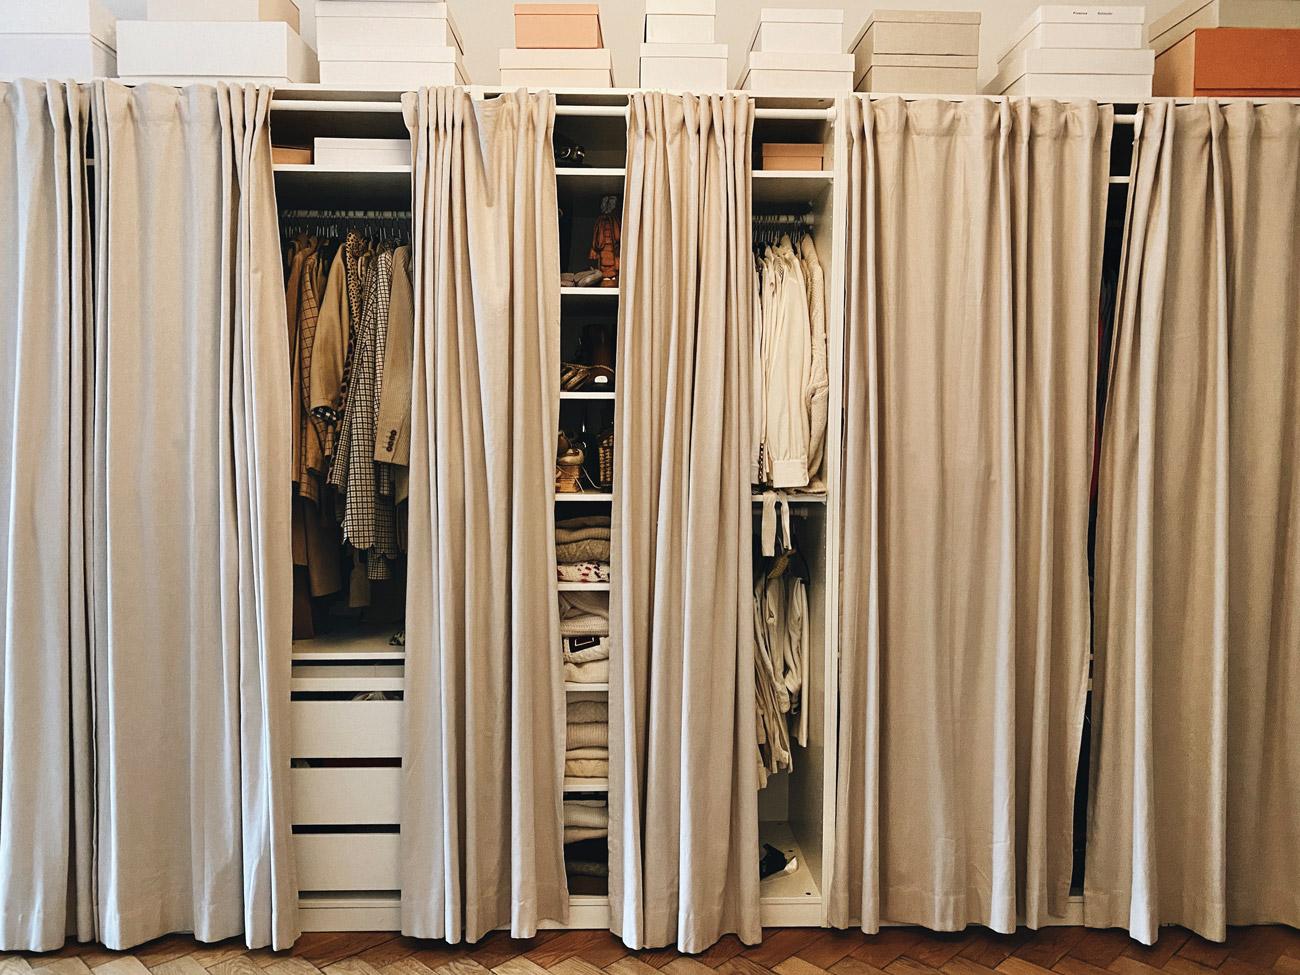 Pax Kleiderschrank mit Vorhängen